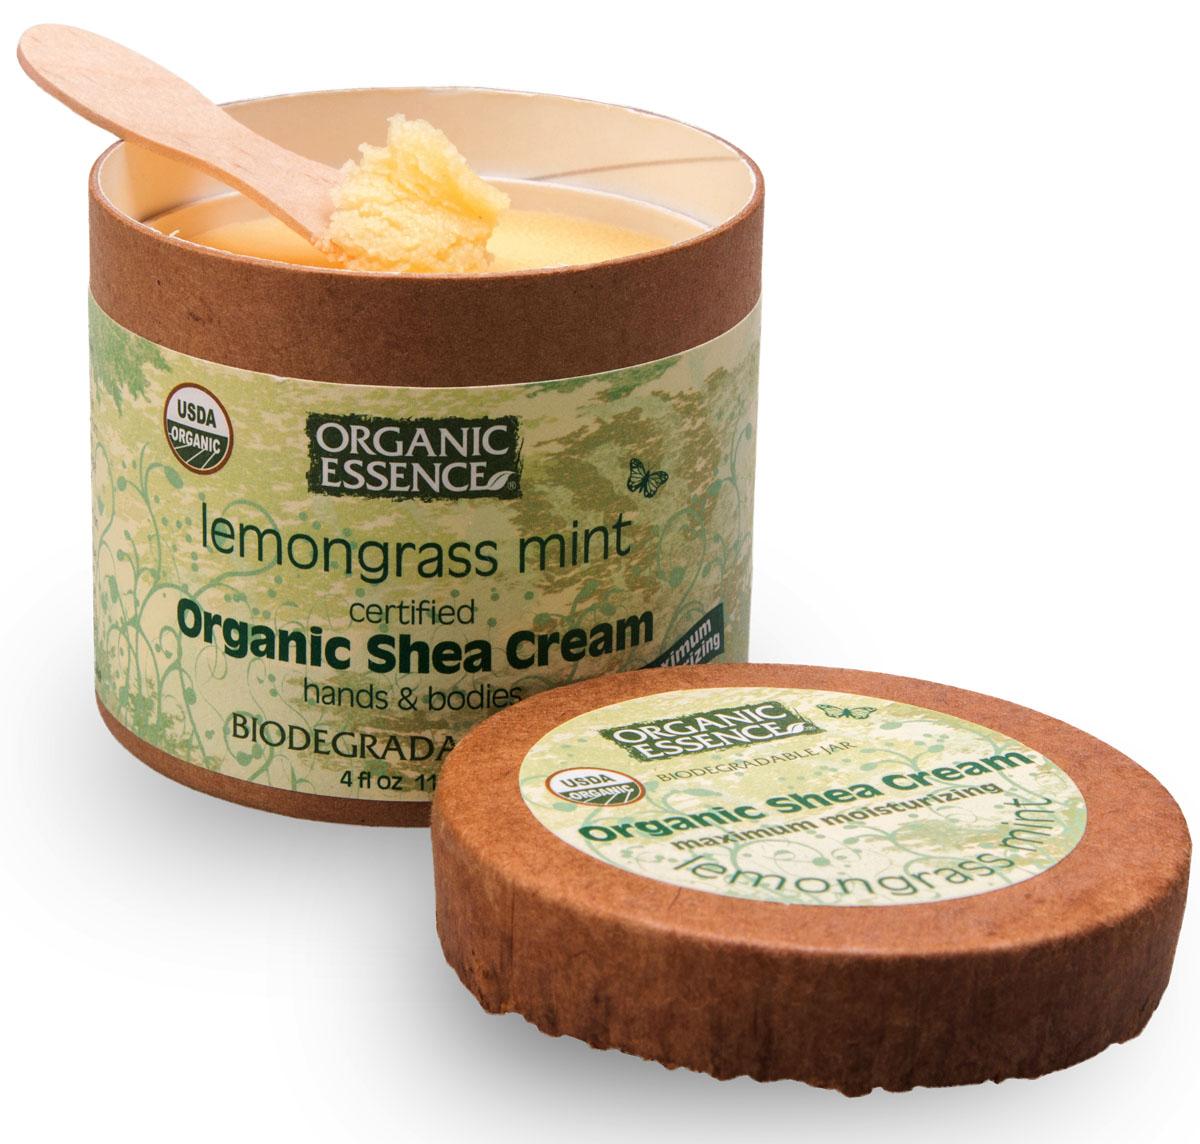 Organic Essence Органический крем Ши (Карите), Лемонгасс и мята 114 г/118 млCCLEMUSDA Organic сертифицированный продукт. Интенсивное увлажнение. Подходит для ежедневного применения. В состав Органического крема Ши входит масло лимонника известно как эффективное тонизирующее средство для кожи, естественно расширяющее периферические кровеносные сосуды, стягивающее поры, сглаживающее морщины. В масле лимонника содержится очень много биологически активных веществ. Этот ценный природный продукт, который способствует усилению умственной и физической активности. Масло лимонника способствует концентрации внимания, улучшает память, повышает работоспособность, адаптирует к внешним условиям. Лимонник – природный тоник и антидепрессант. Органическое масло мяты подходит для ухода за жирной и раздраженной кожей. При воспалительных процессах на коже, сосудистой сетке, угревой сыпи, а также синяках и отеках используйте органический крем Ши Лемонграсс и Мята. Наслаждайтесь сиянием молодости.